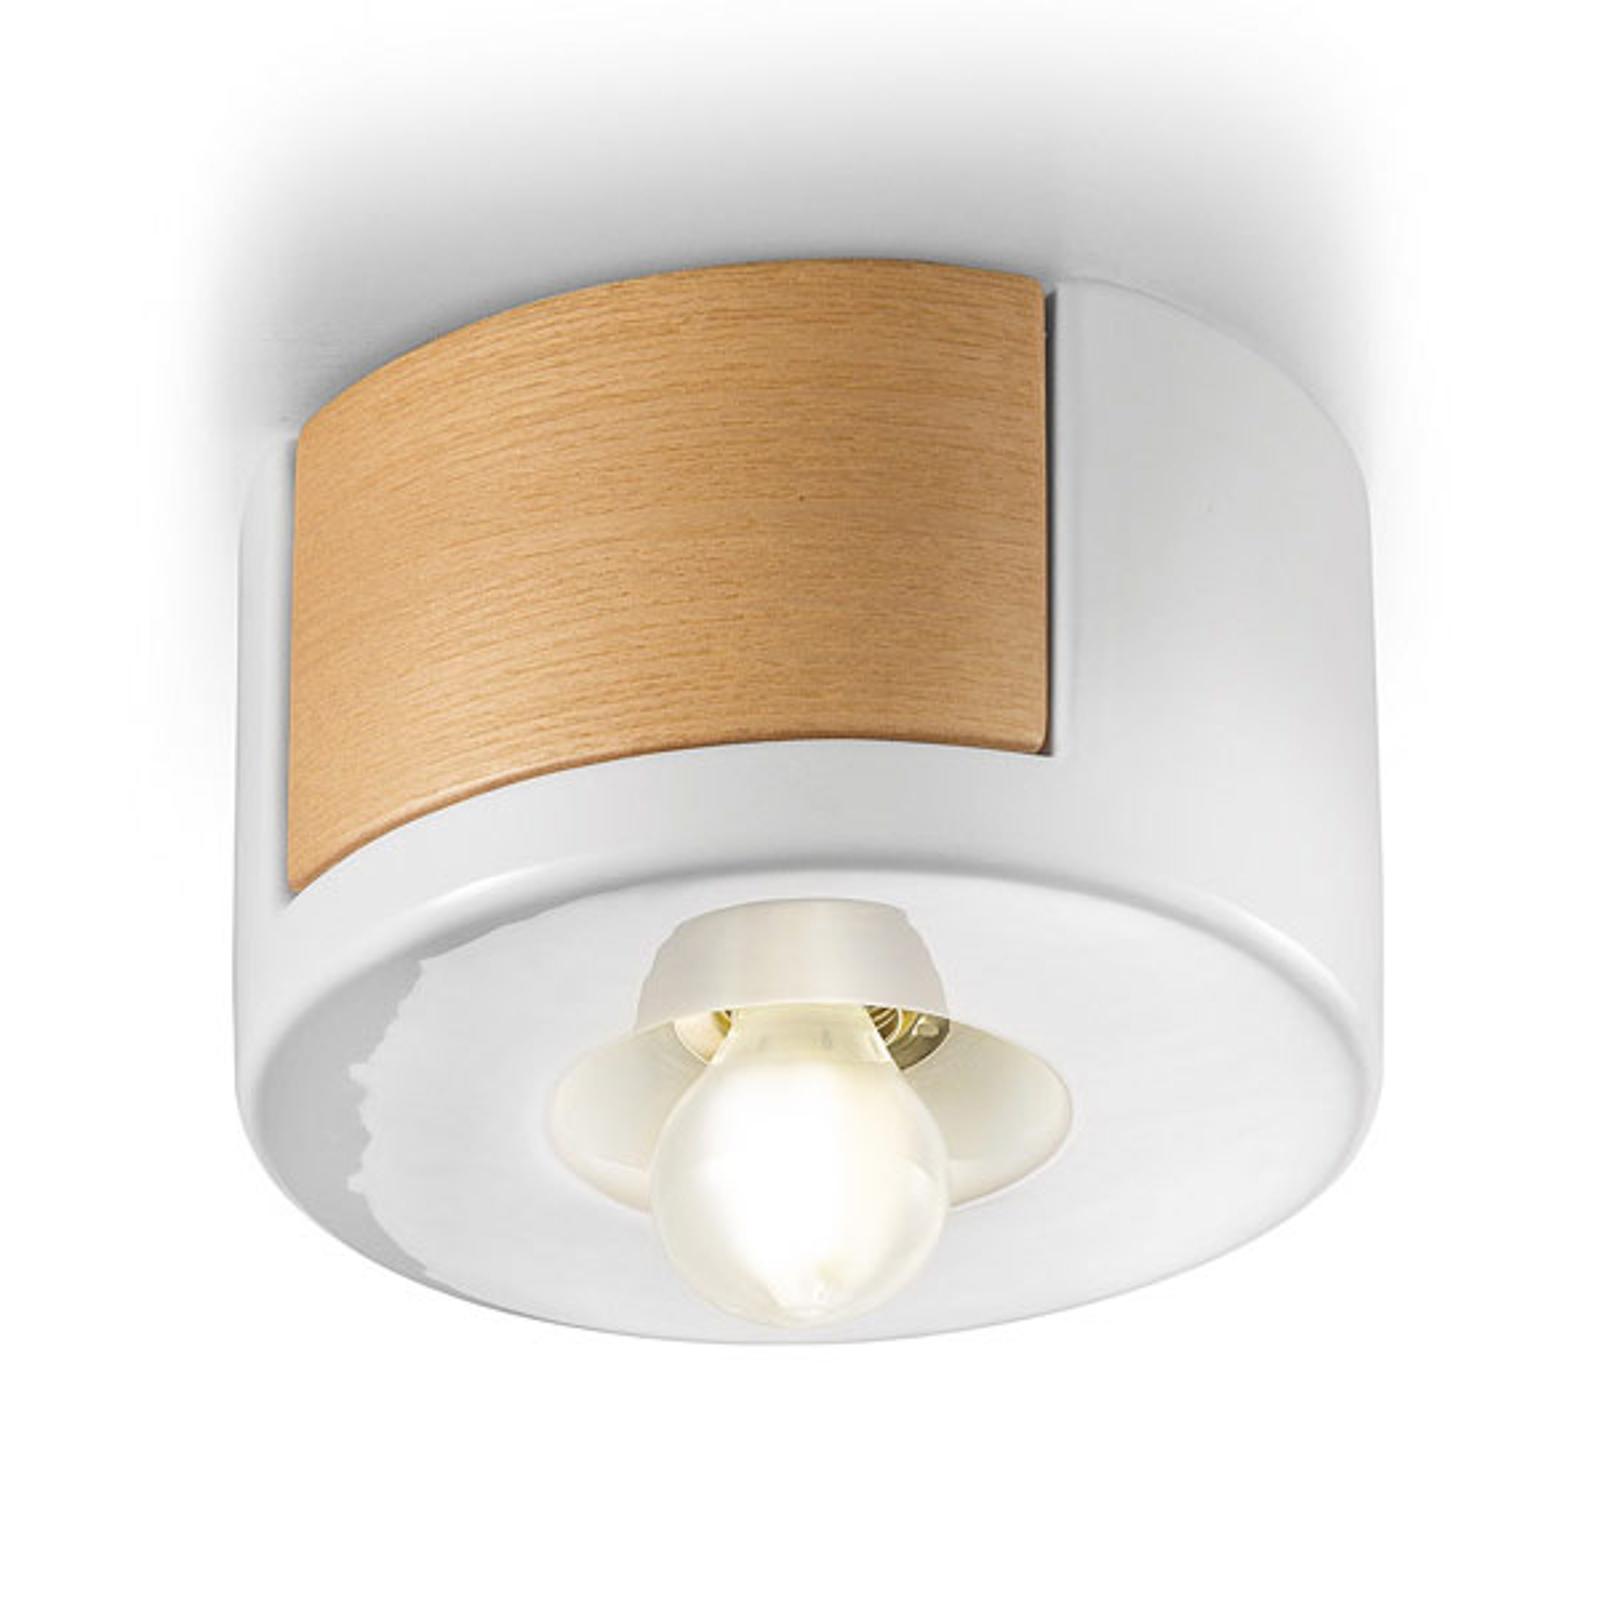 Hængelampe C1791 i skandinavisk stil hvid